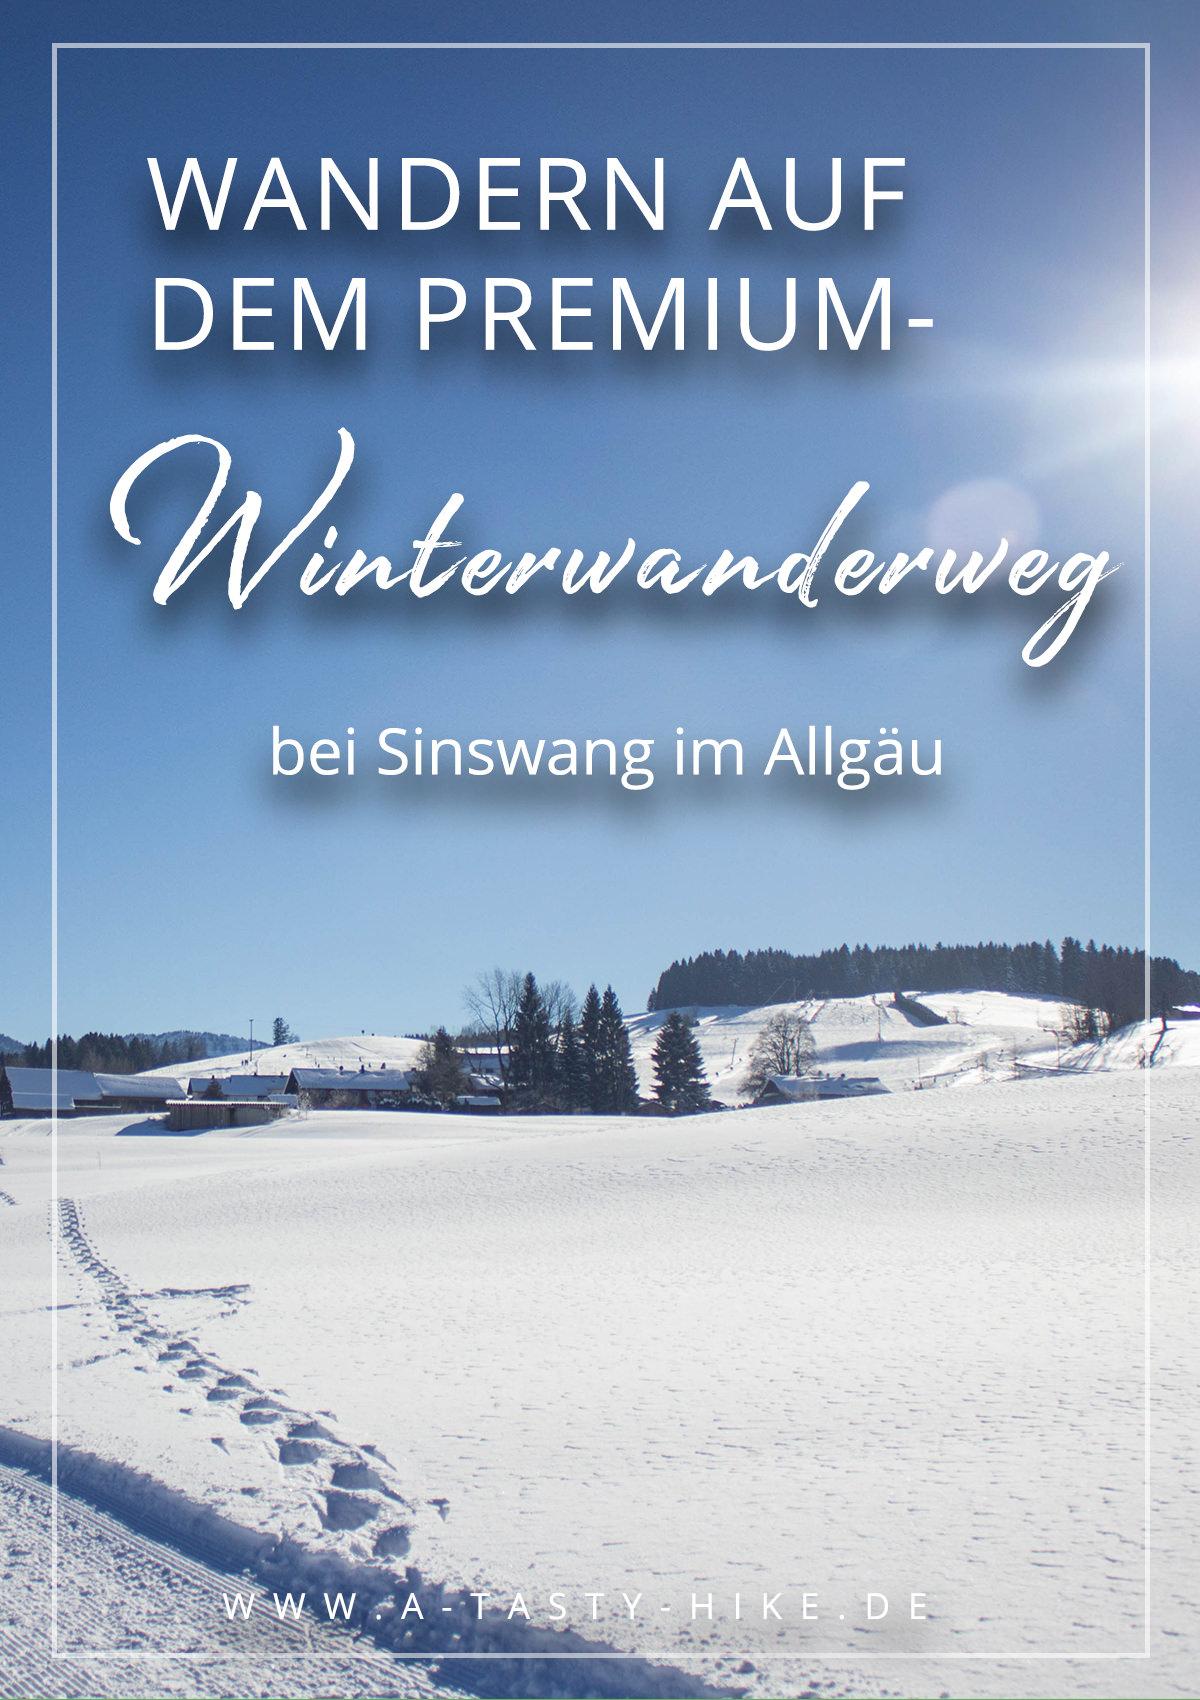 Allgäu Wandern: Winterwandern auf dem Premium-Winterwanderweg bei Sinswang im Allgäu. Super gemütliche Rundwanderung mit toller Aussicht auf die Nagelfluhkette bei Oberstaufen. #Wandern #Winterwandern #Allgäu #Wanderung